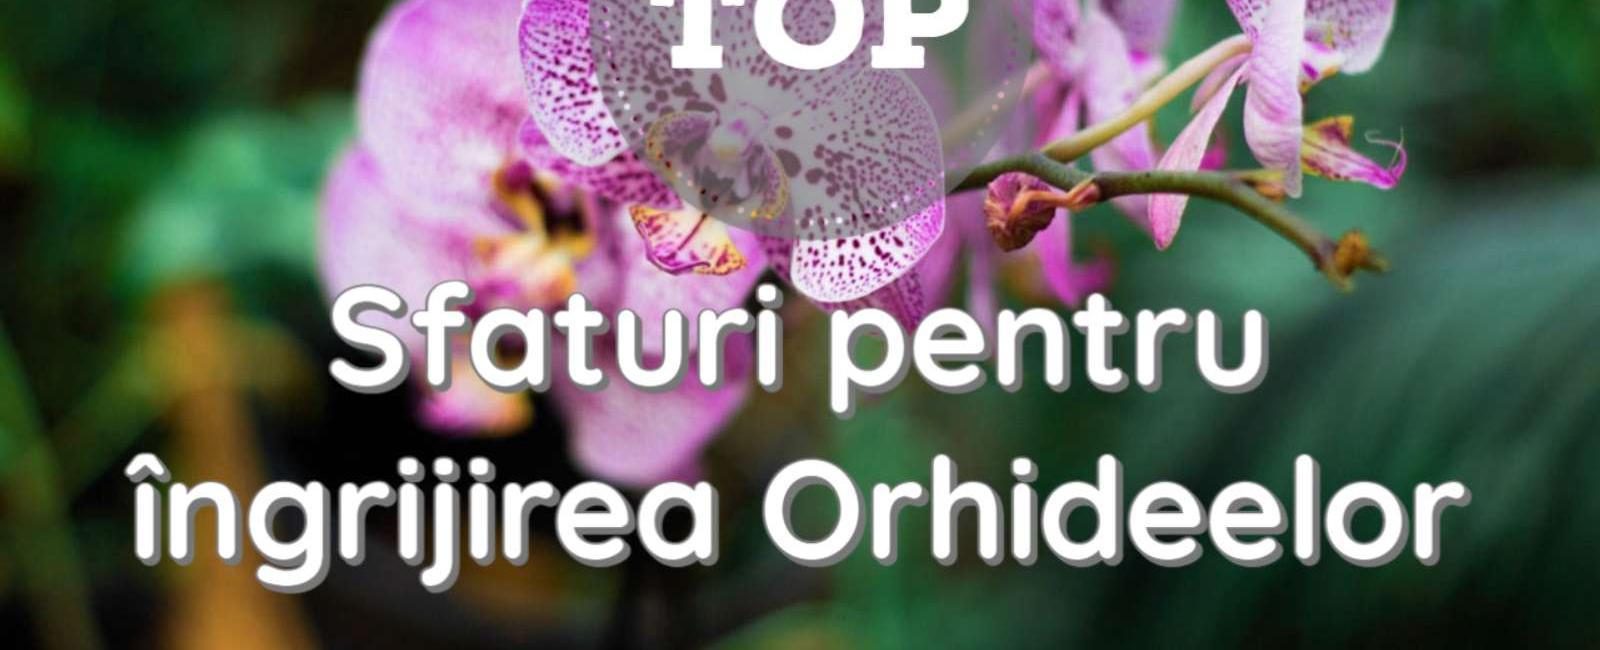 Top 5 sfaturi importante care vă vor ajuta să îngrijiți orhideele